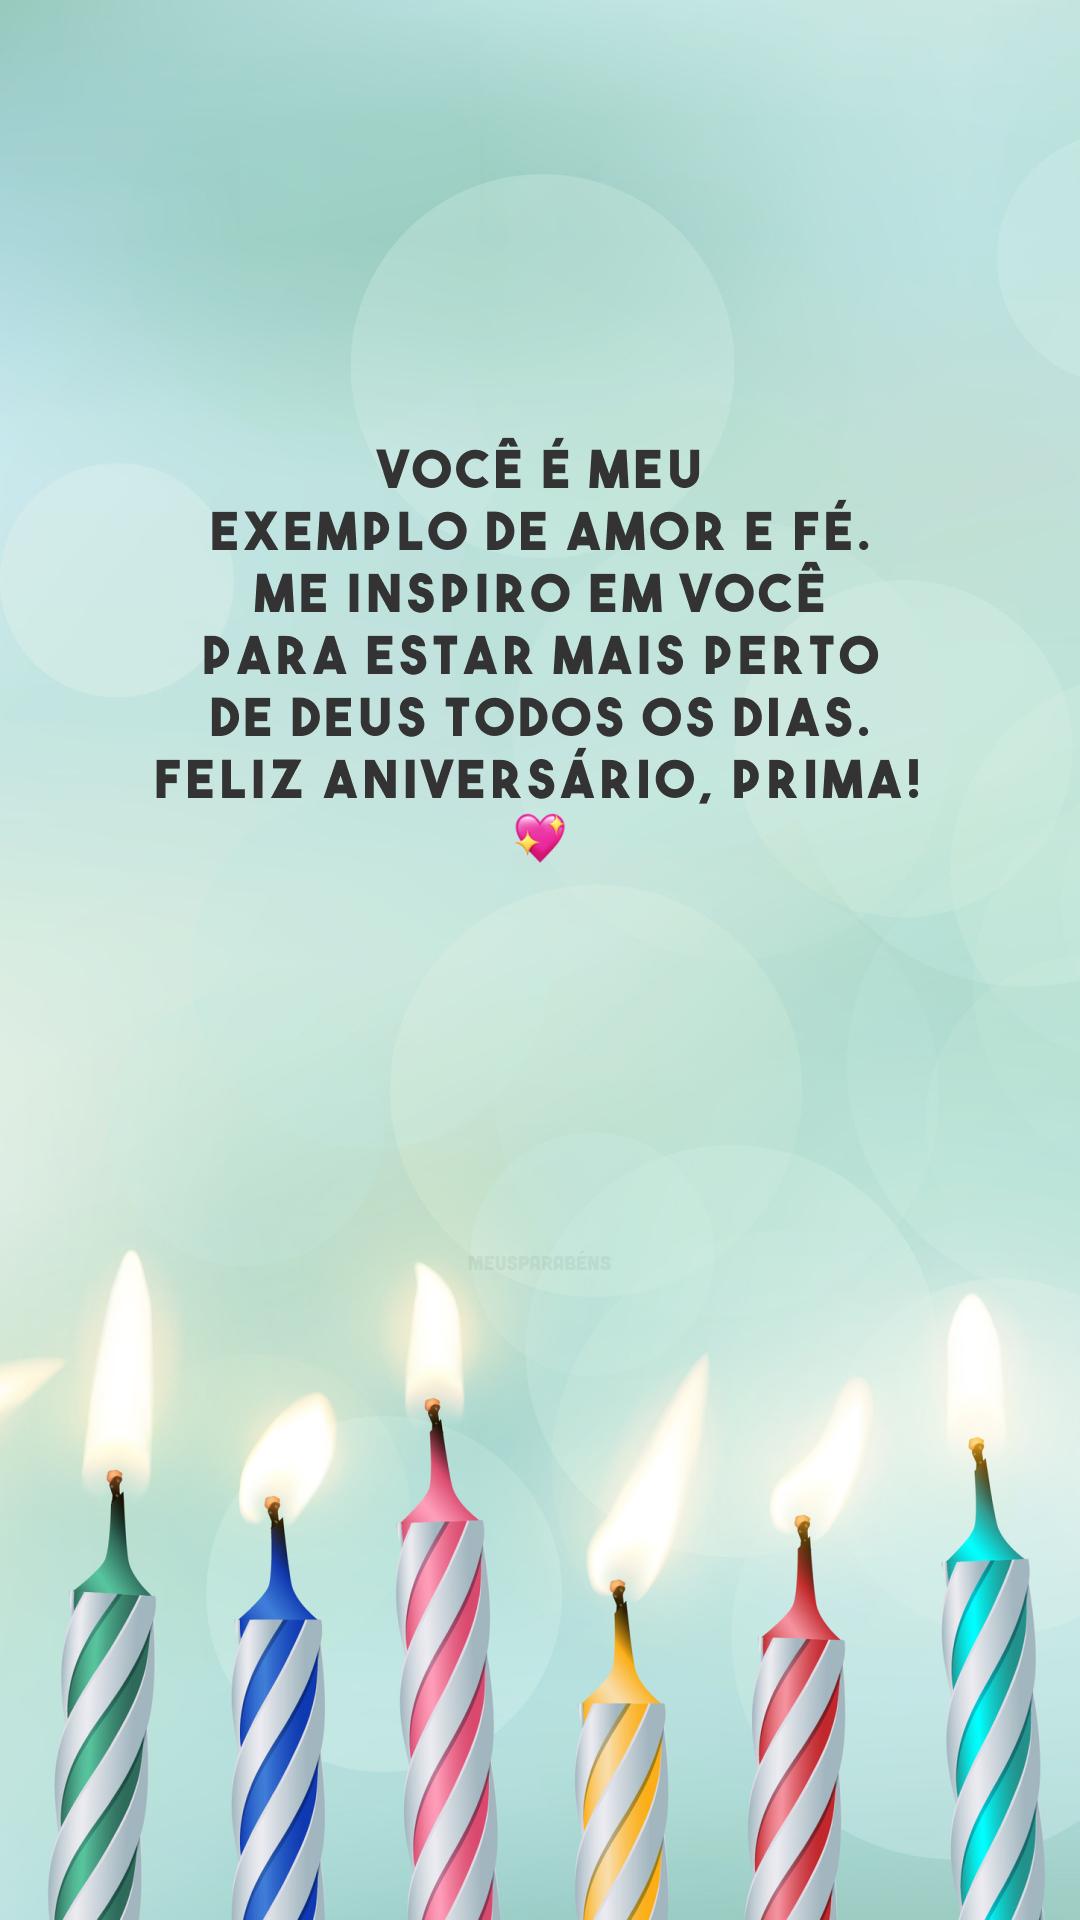 Você é meu exemplo de amor e fé. Me inspiro em você para estar mais perto de Deus todos os dias. Feliz aniversário, prima! 💖